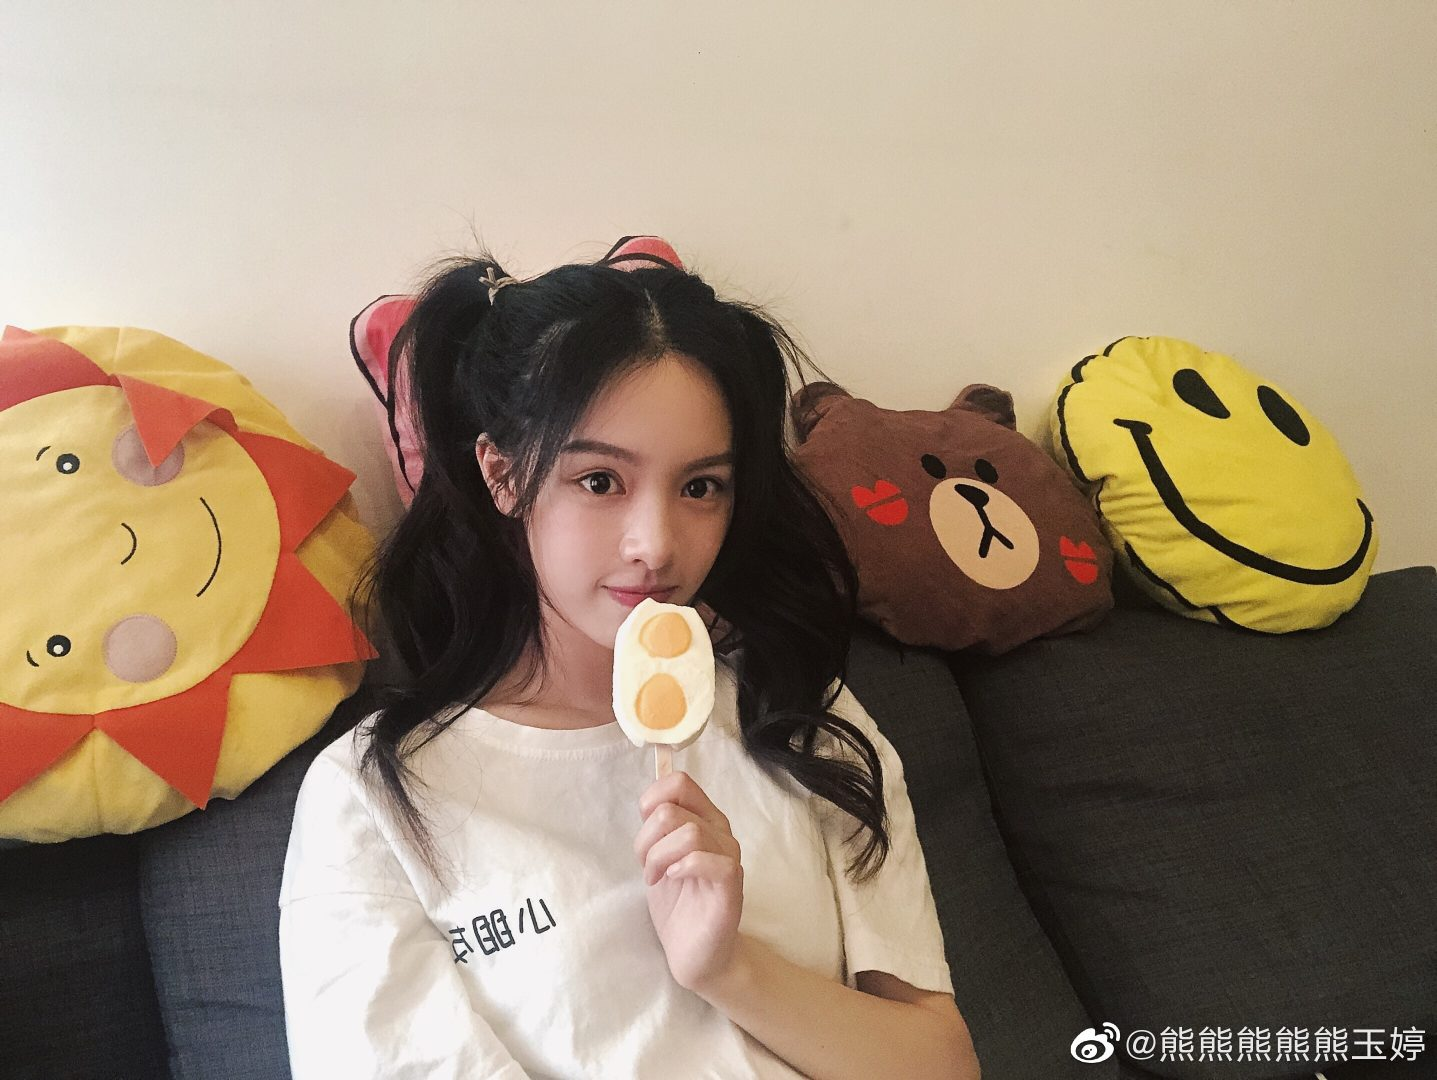 Hùng Ngọc Đình - 熊玉婷 - Xiong Yuting